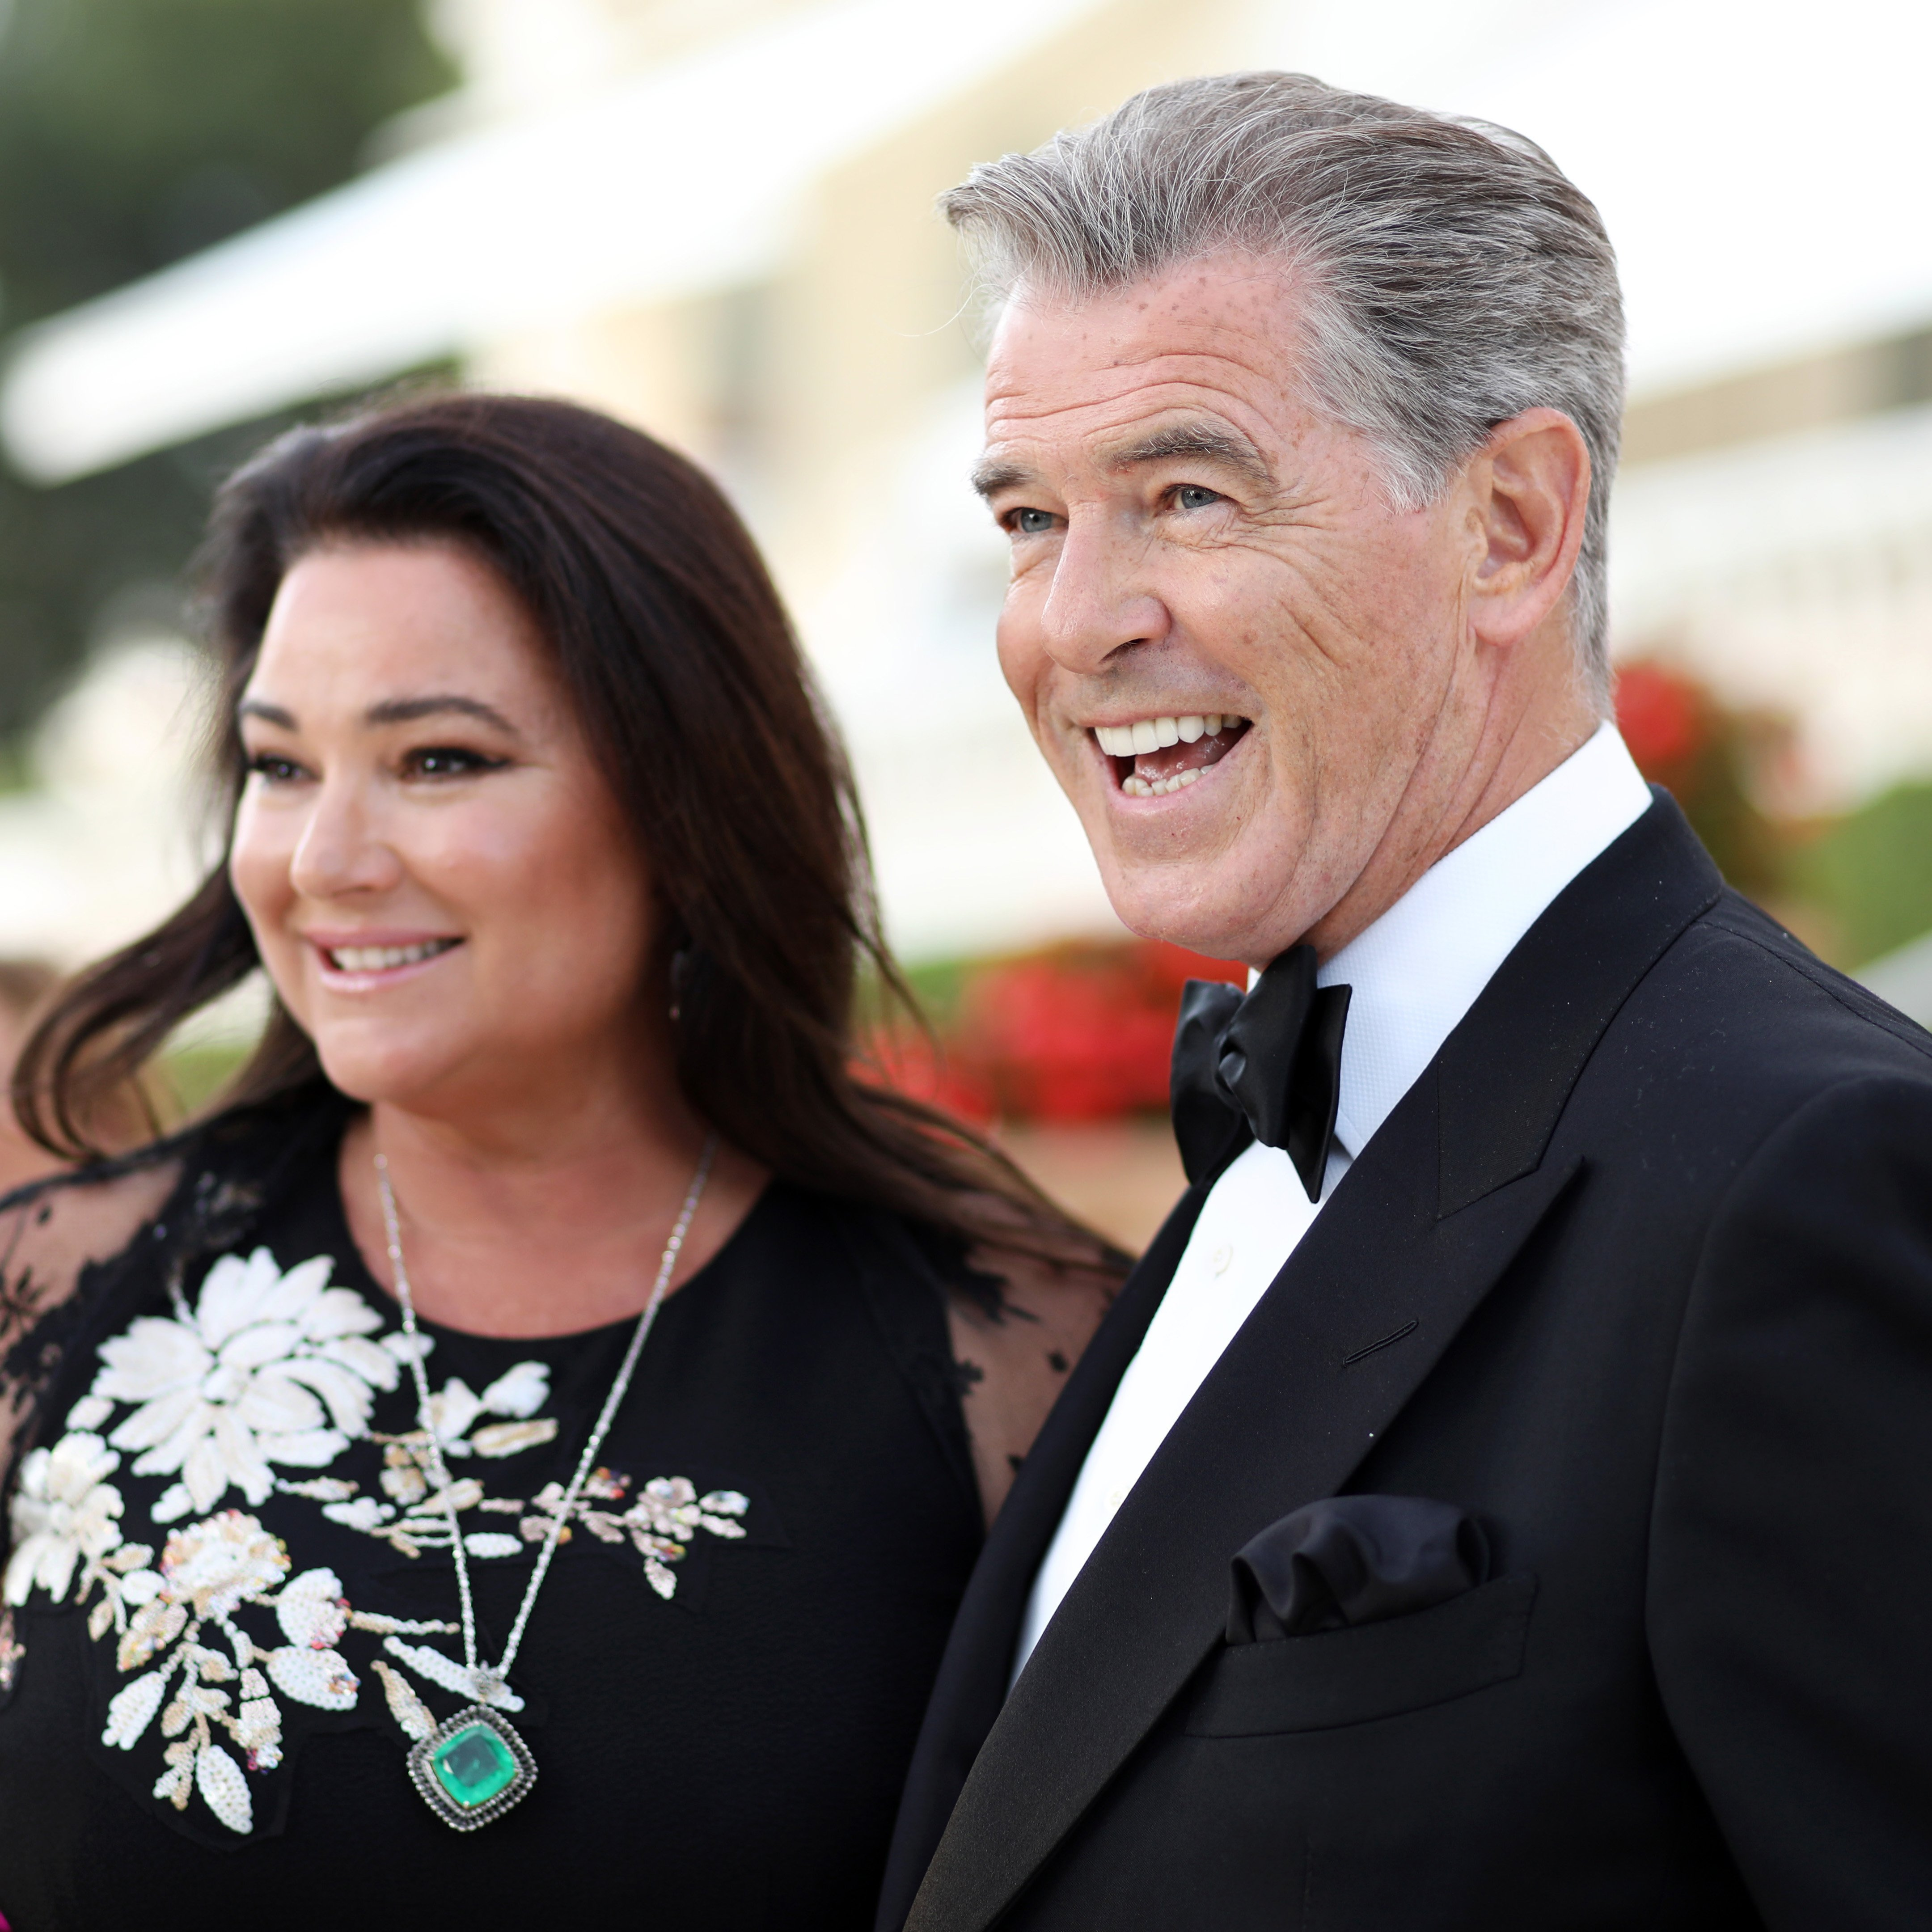 Pierce Brosnan et son épouse Keely Shaye Smith assistent au cocktail du Gala amfAR Cannes 2018 | Source : Getty Images